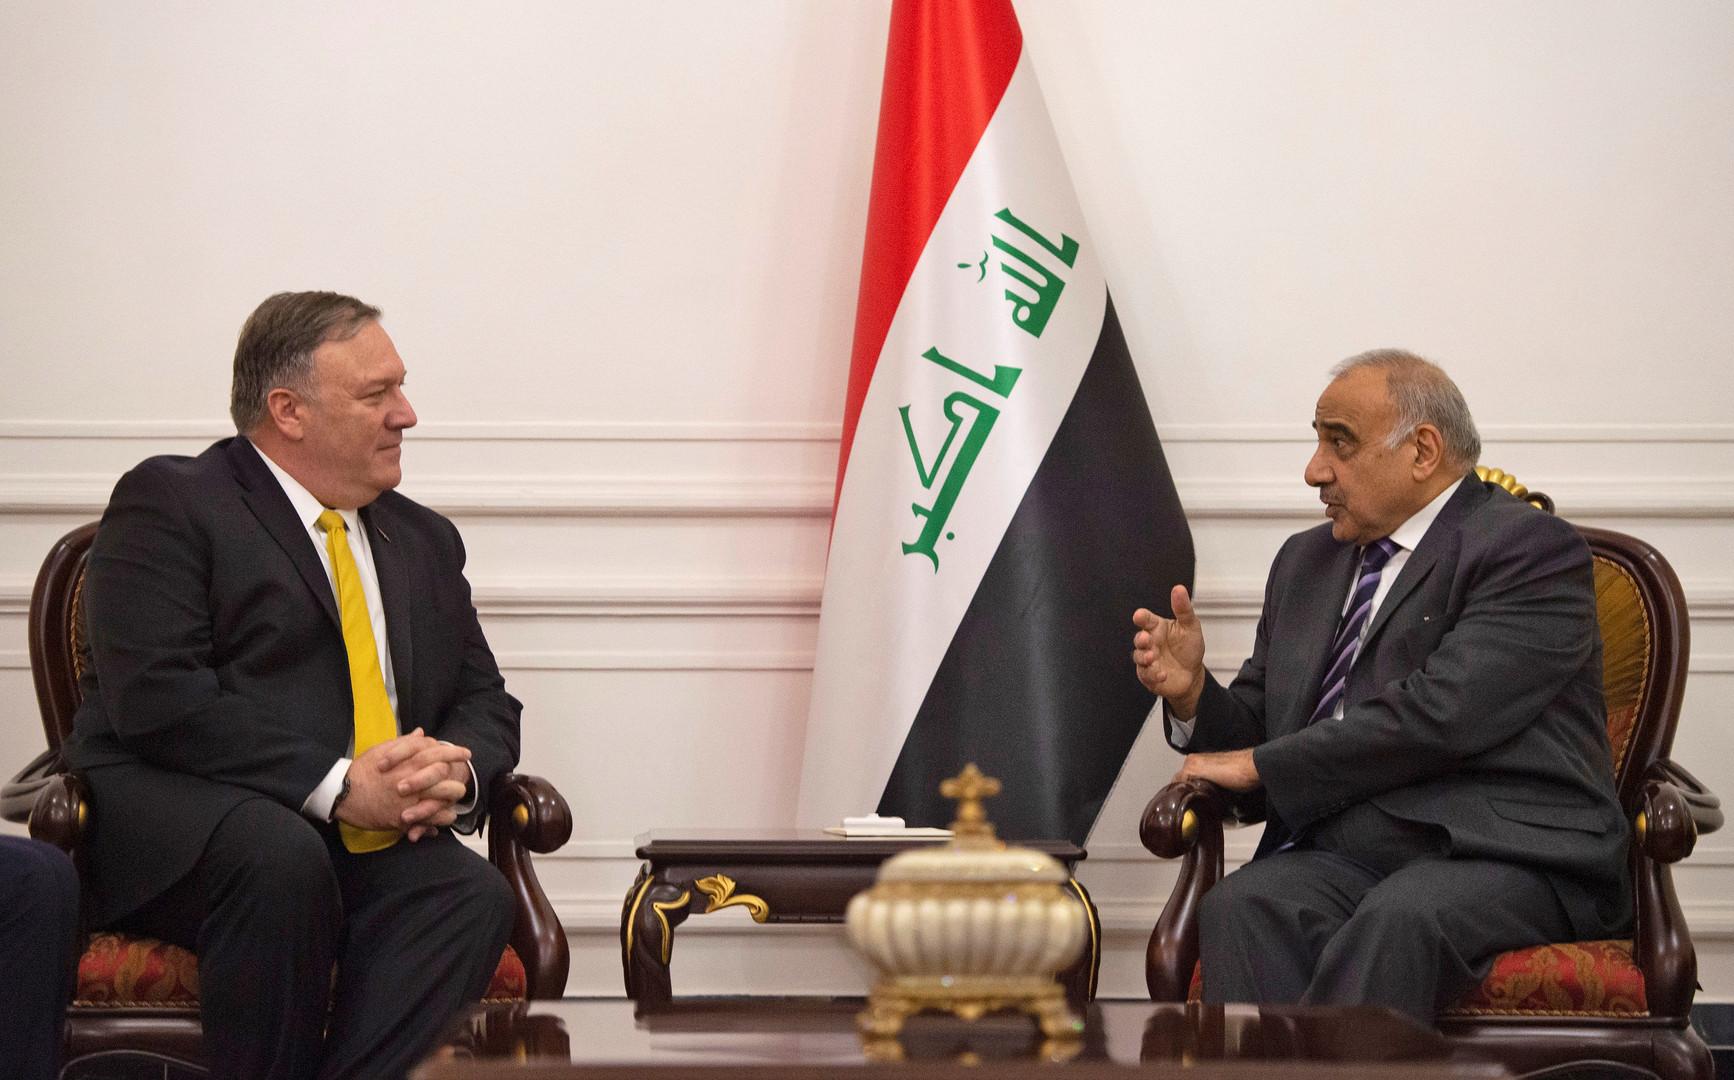 عبد المهدي يؤكد لبومبيو سعي العراق للتهدئة بين الولايات المتحدة وإيران